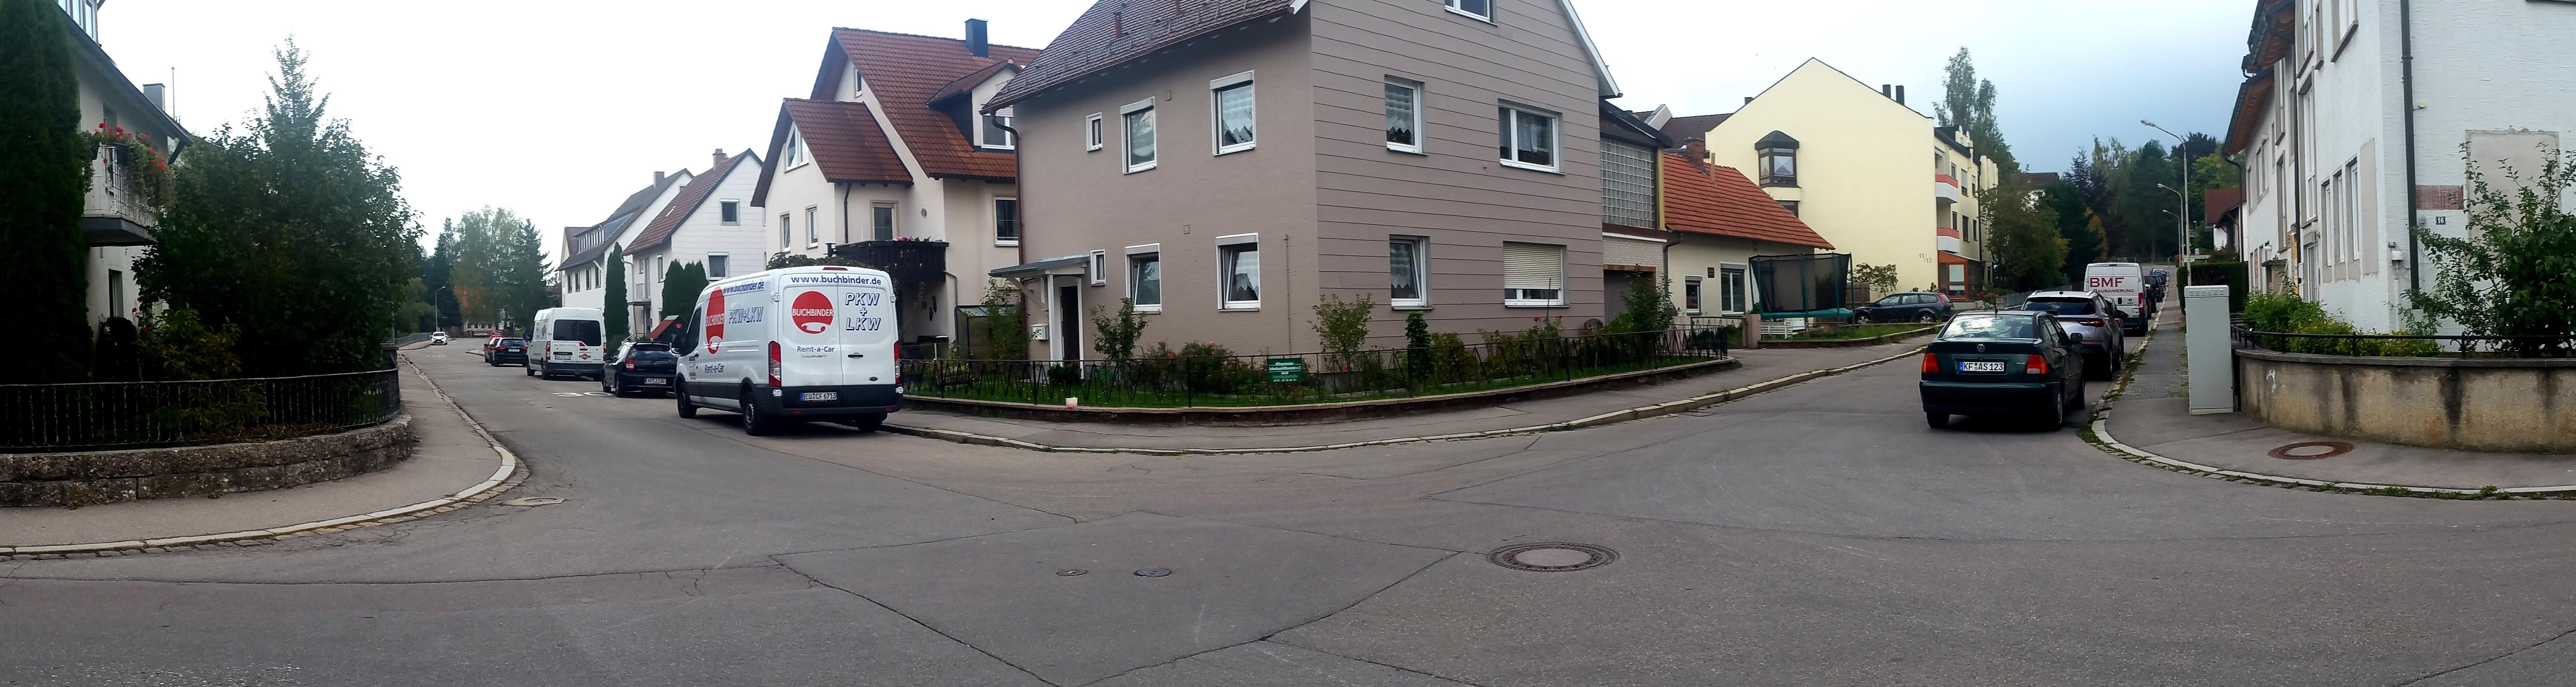 project neighbourhood 'Sonnenstraße'